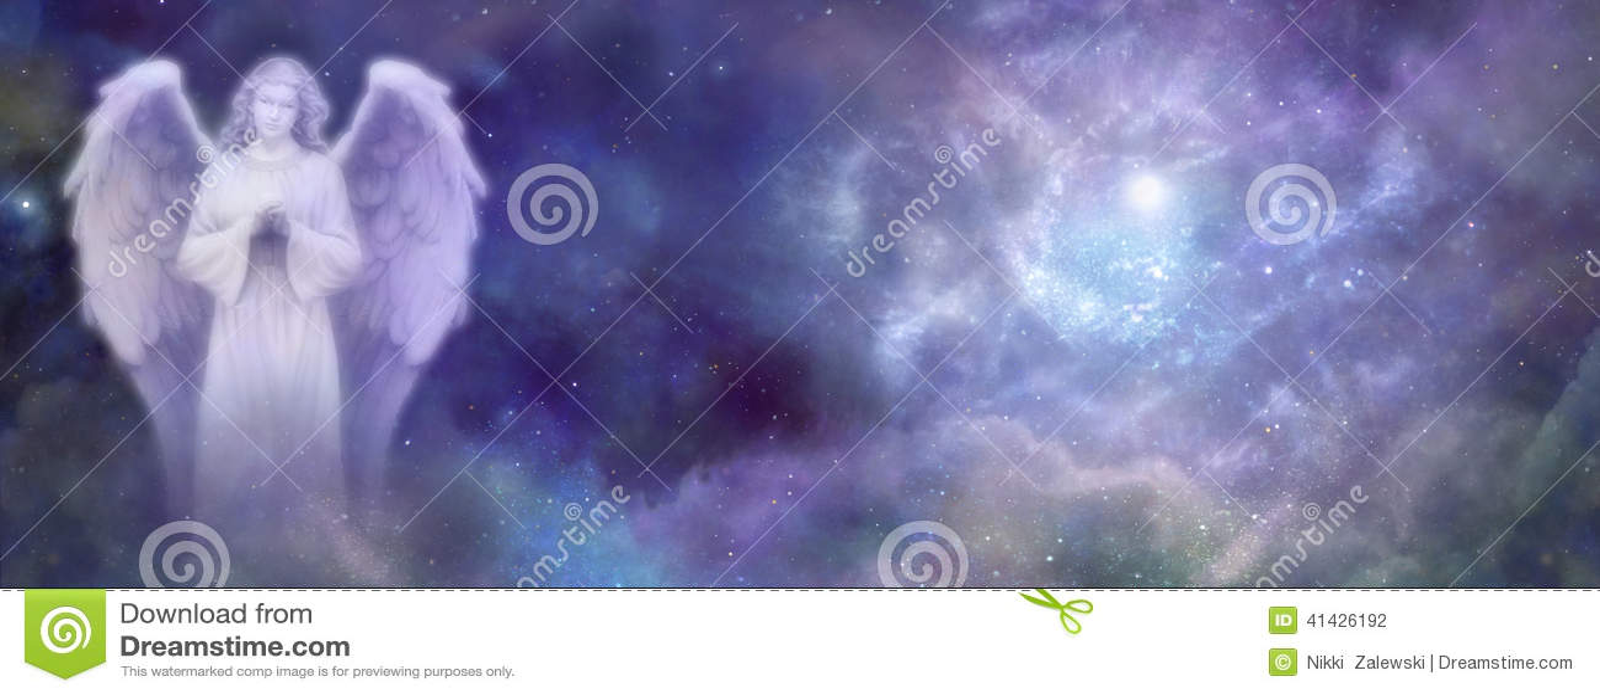 Nadziemski anioł strony internetowej sztandar